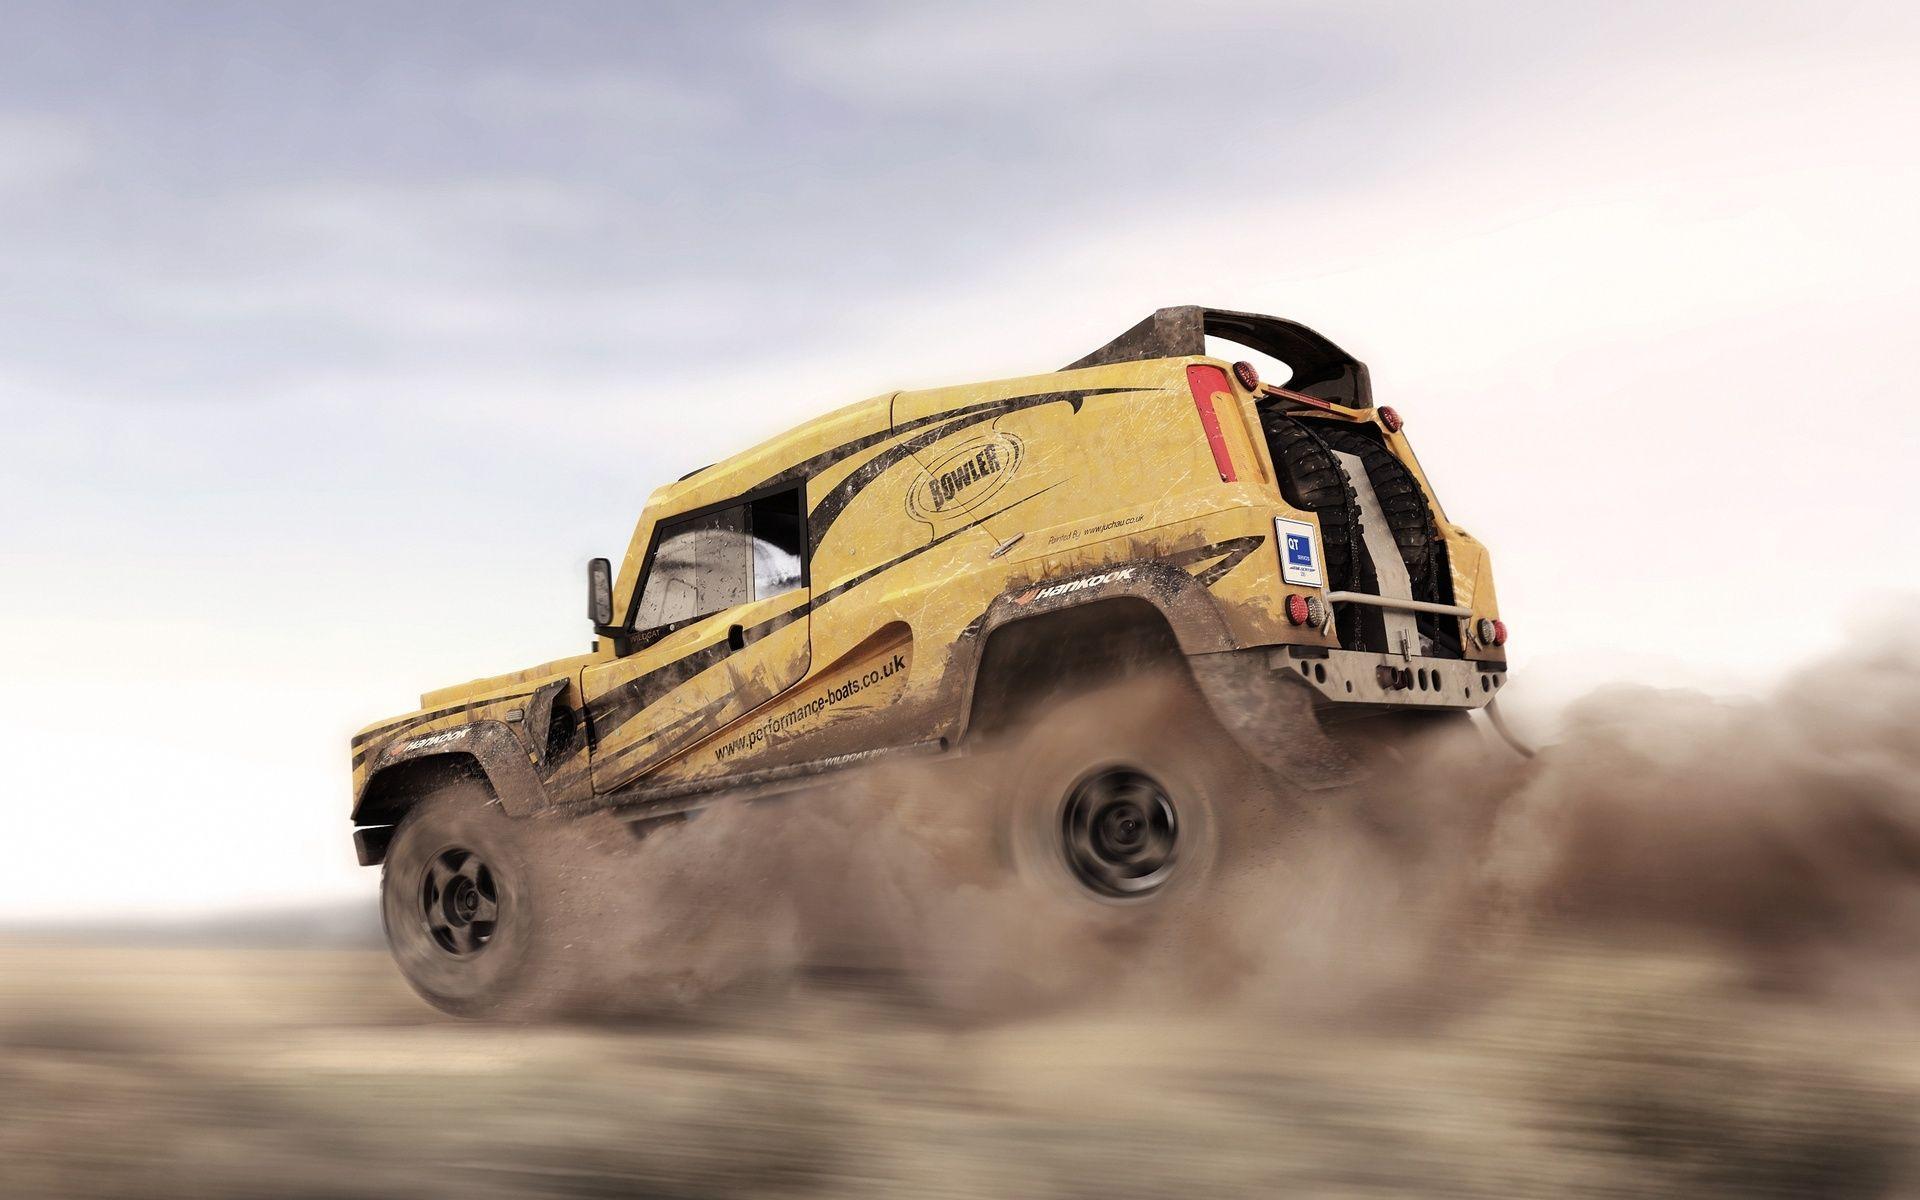 1920x1200 Dakar, In Motion, Suv, Land Rover, Dust, Desert ...